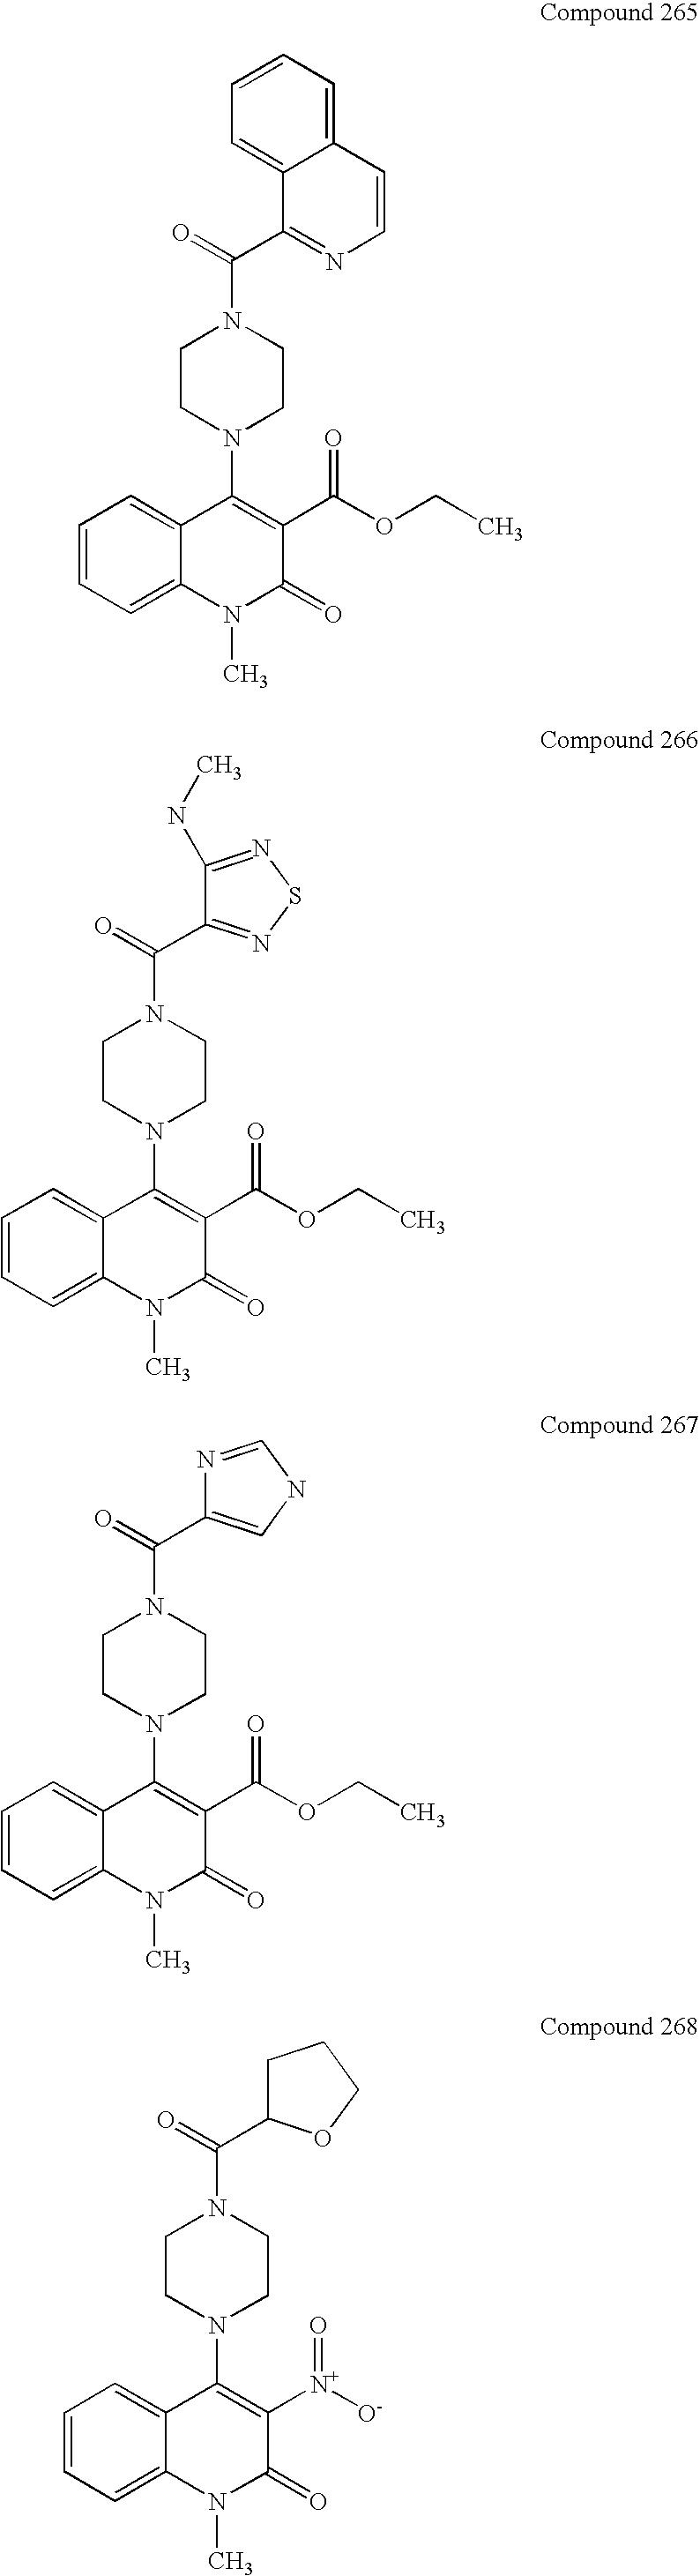 Figure US07230106-20070612-C00134